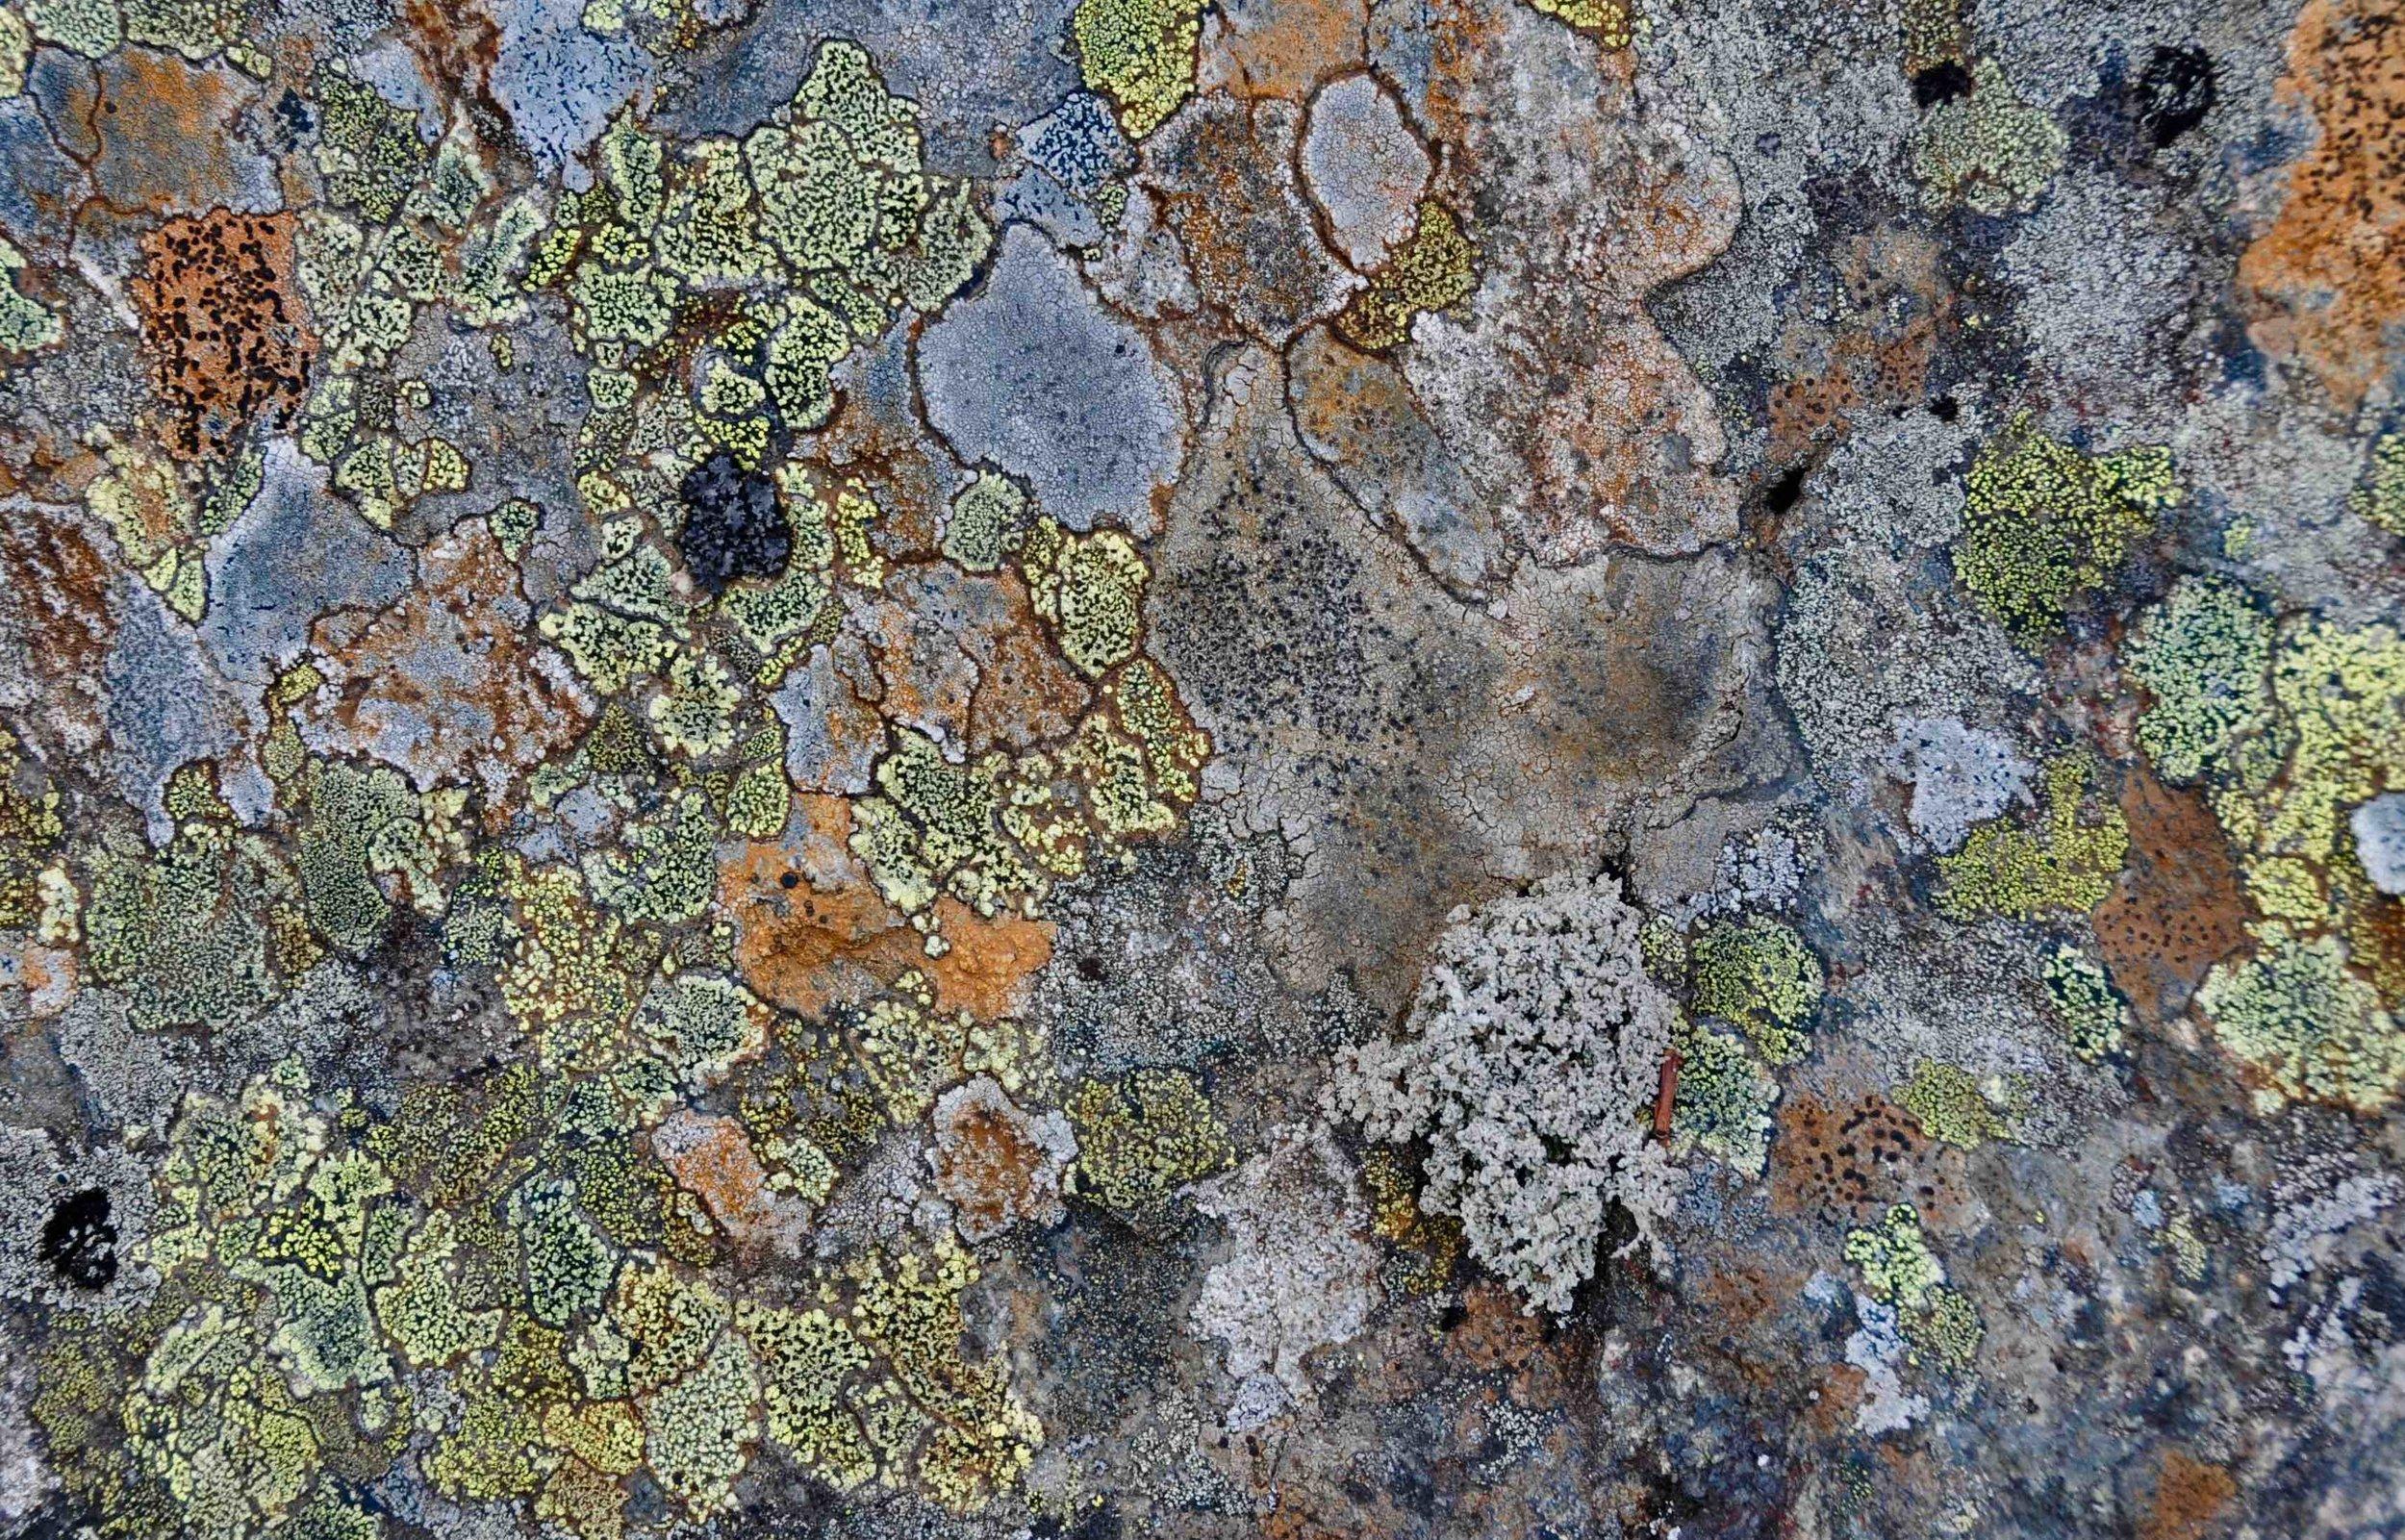 Frontières. Il y a un lichen foliacé (de feuille) gris parmi les crustacés.